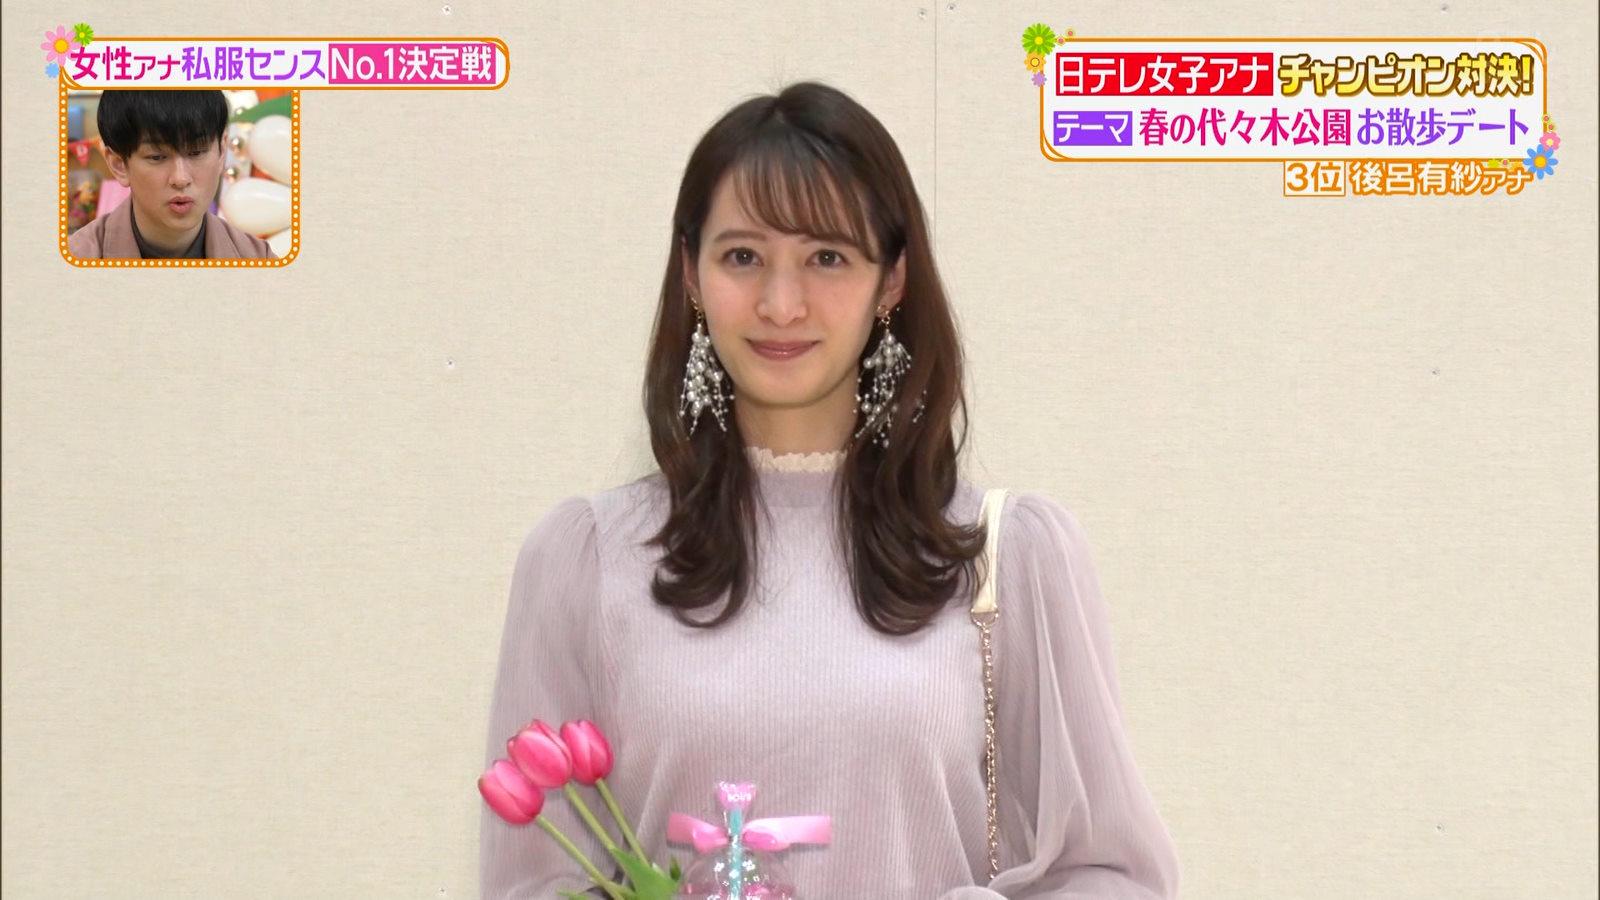 2020/04 後呂有紗